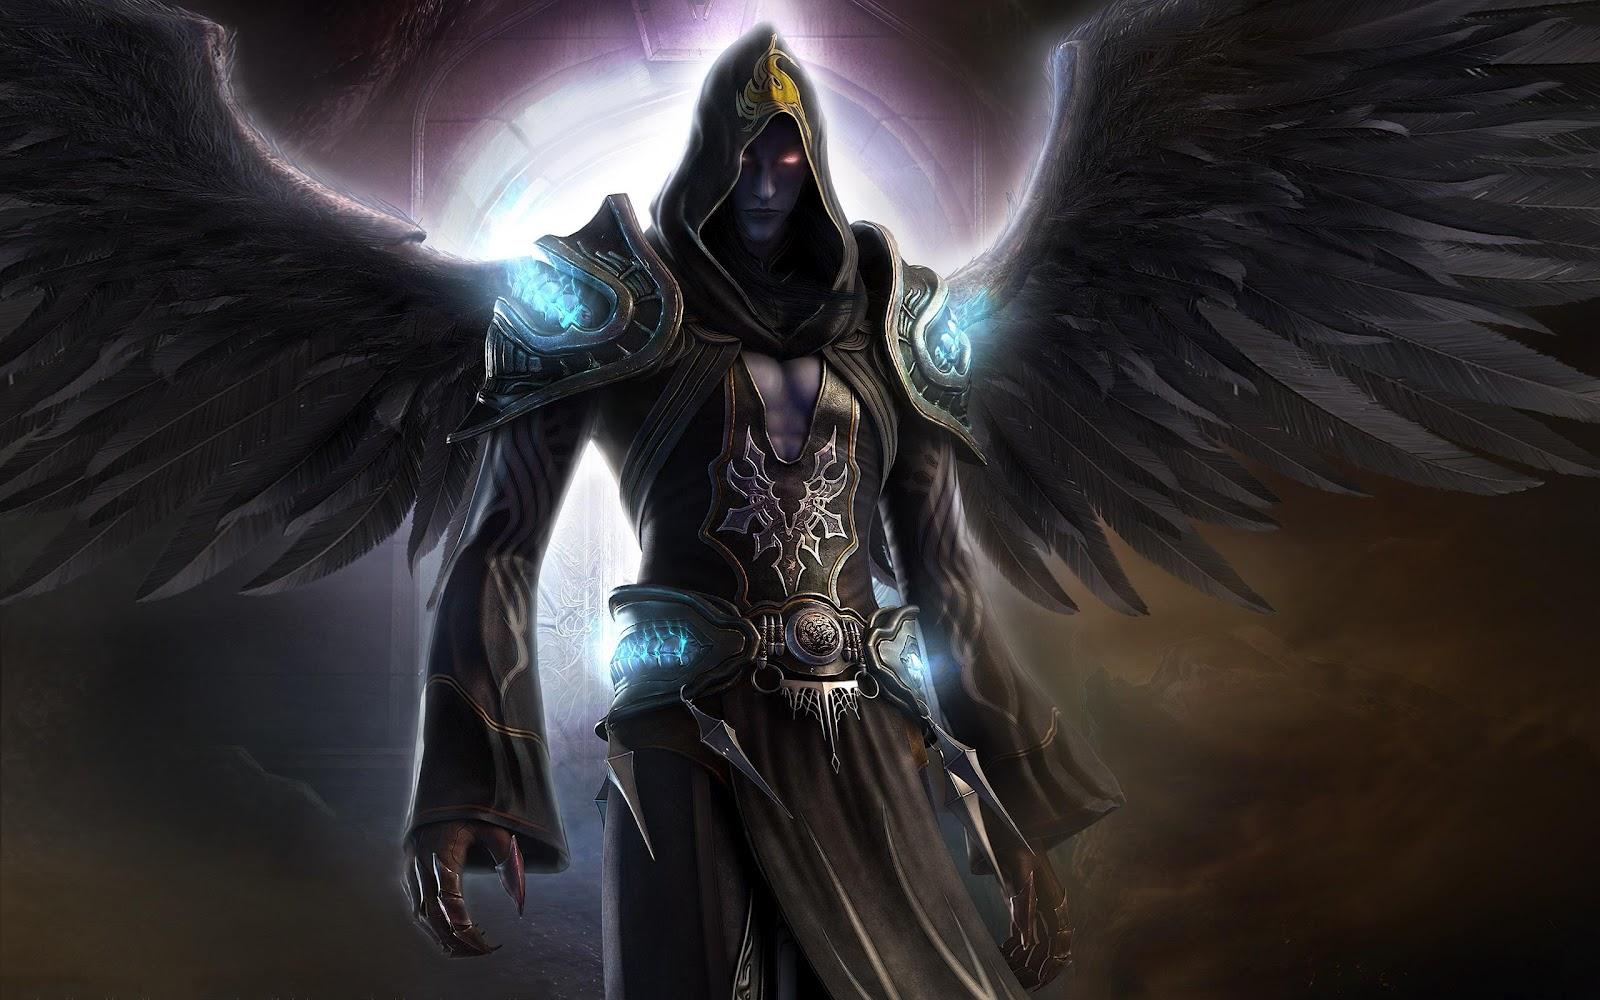 Черный ангел воин фото